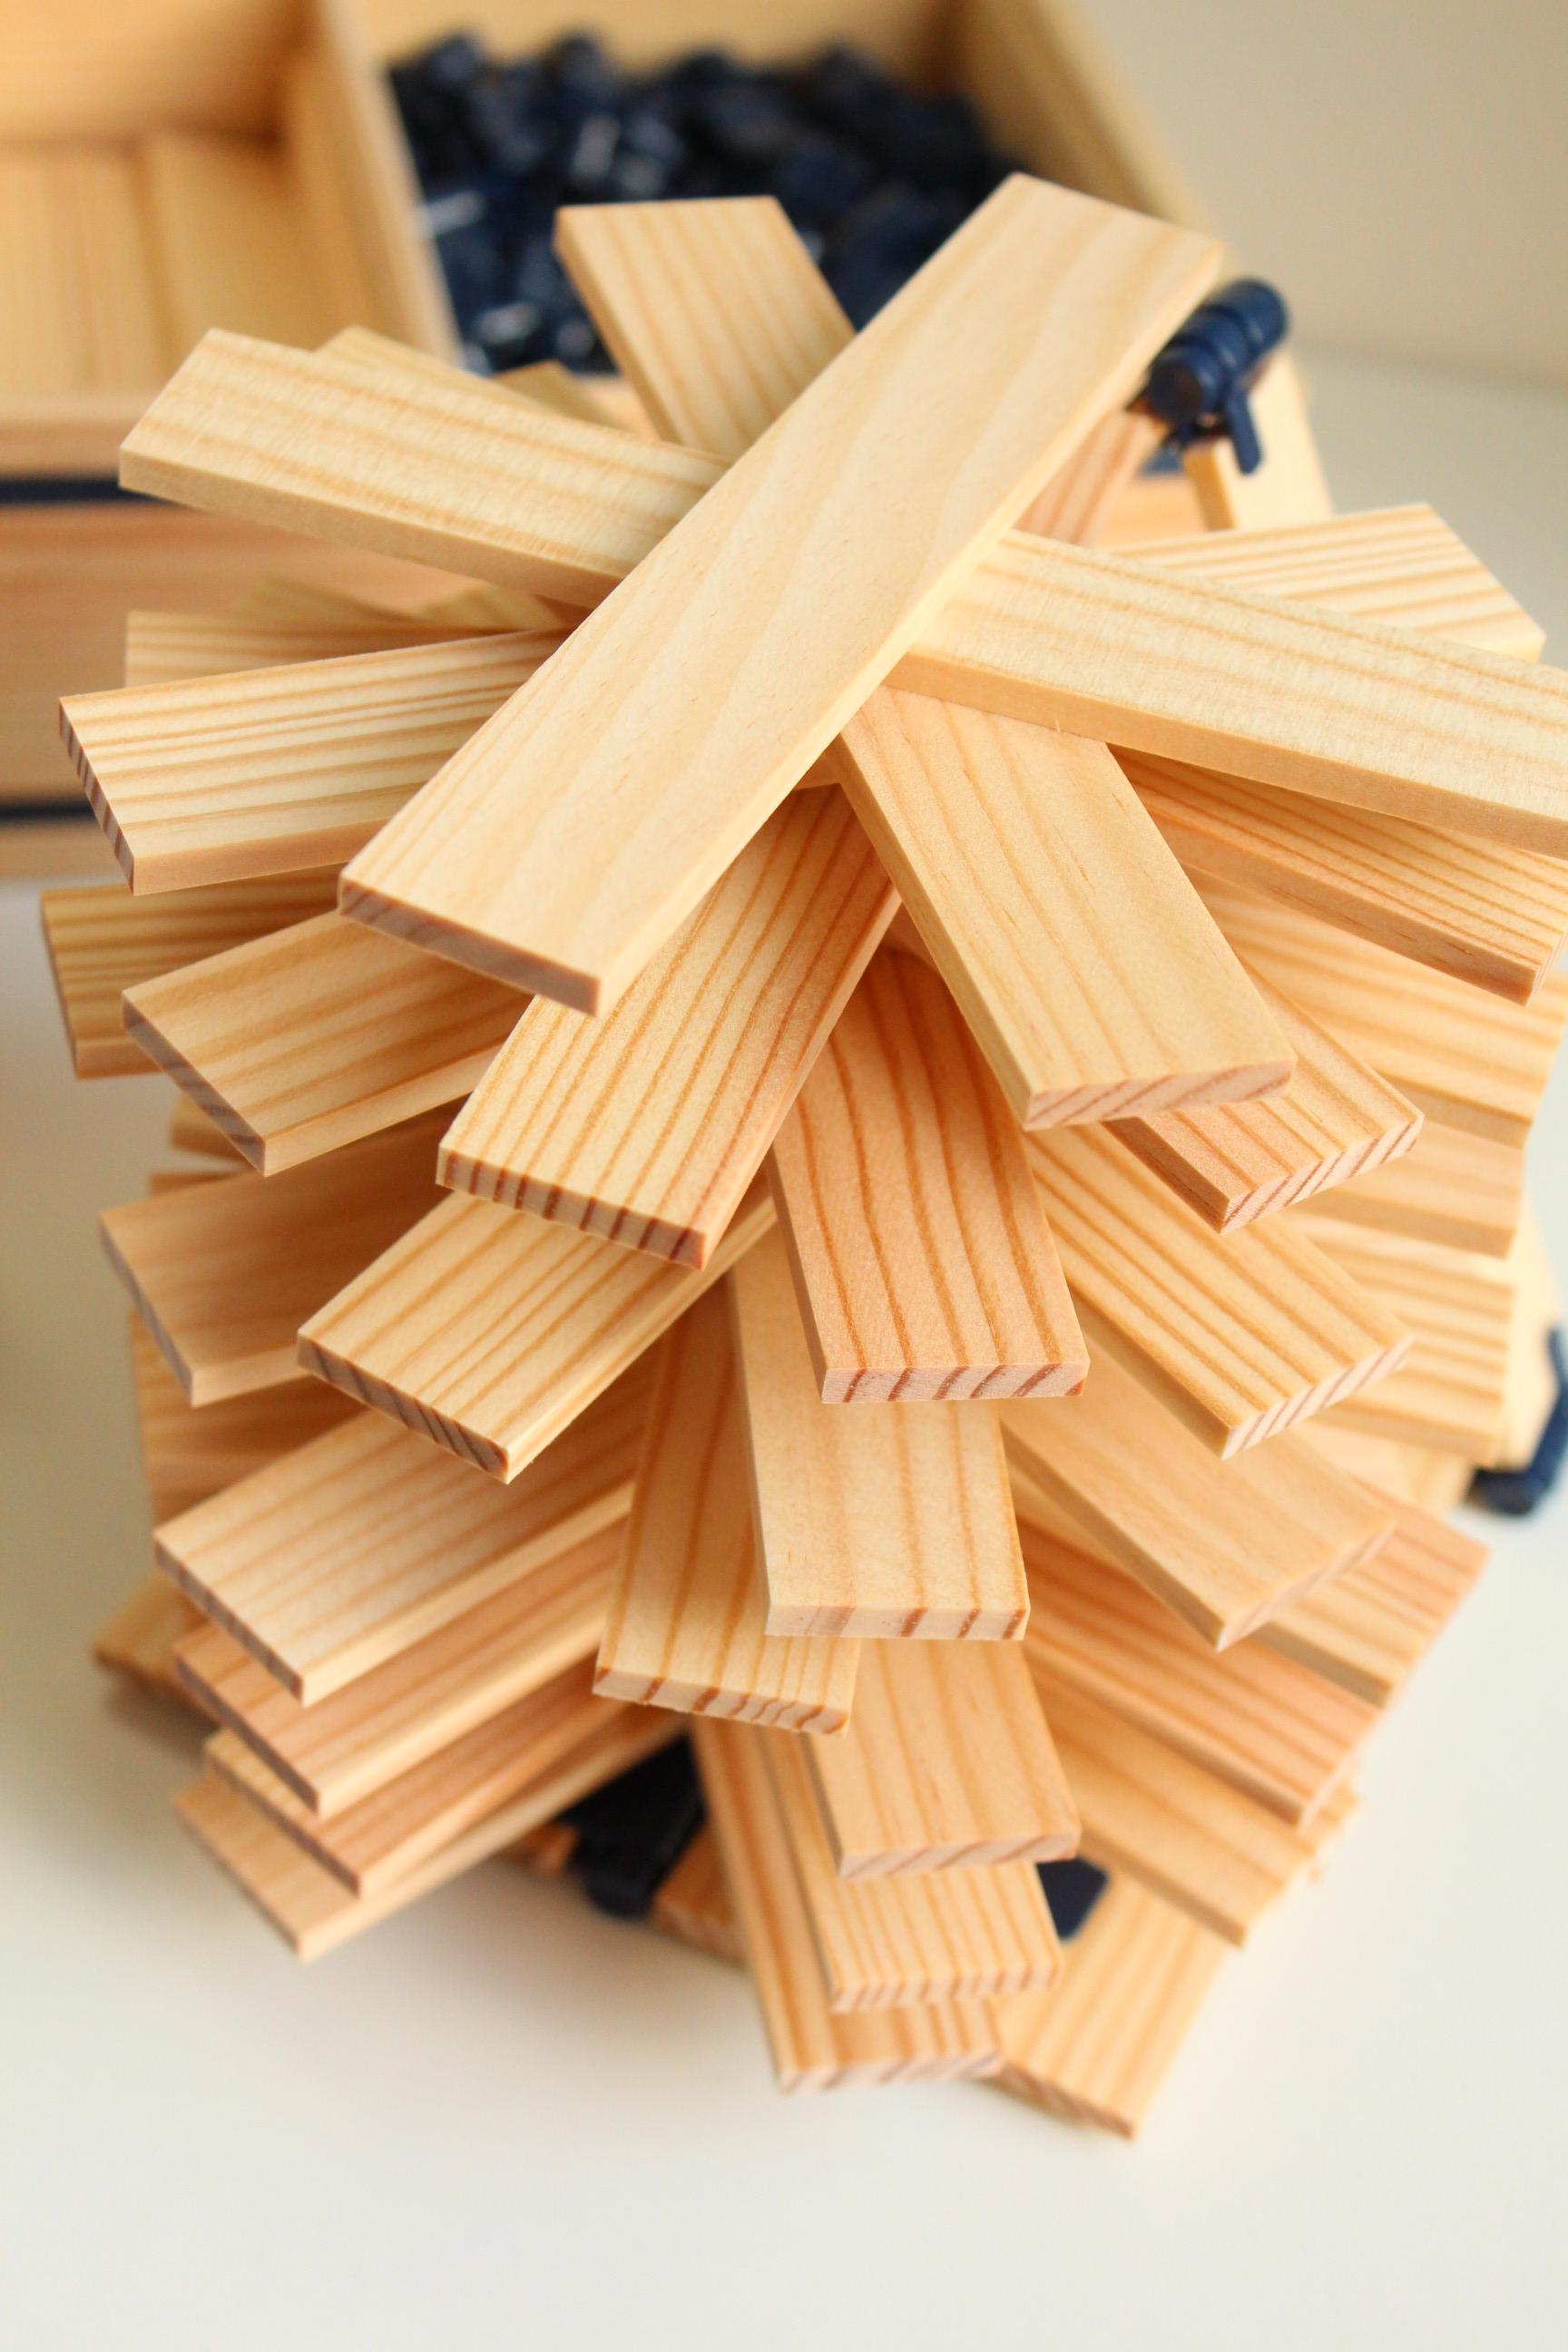 la nouveaute de kapla roi du jeu construction en bois tomtect made in gironde